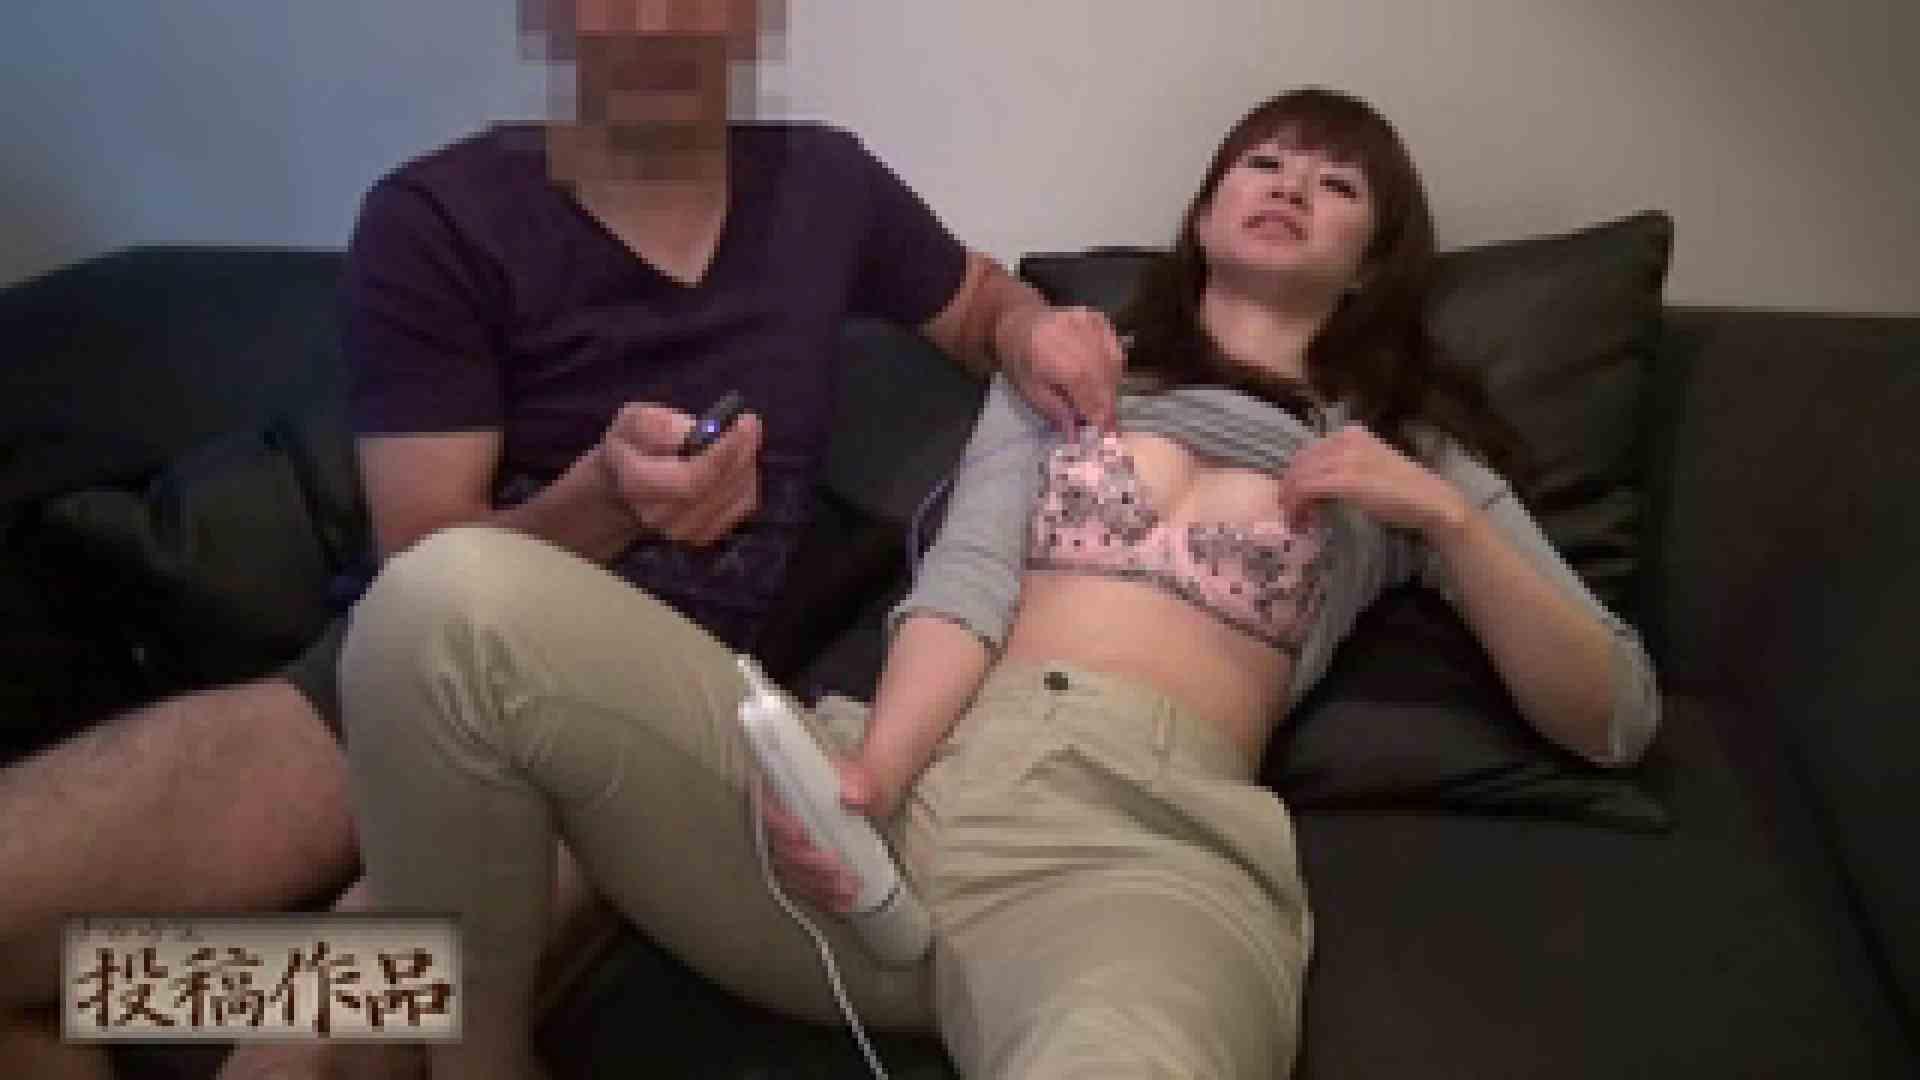 ナマハゲさんのまんこコレクション第3弾 sachiko 美乳 セックス無修正動画無料 109pic 54